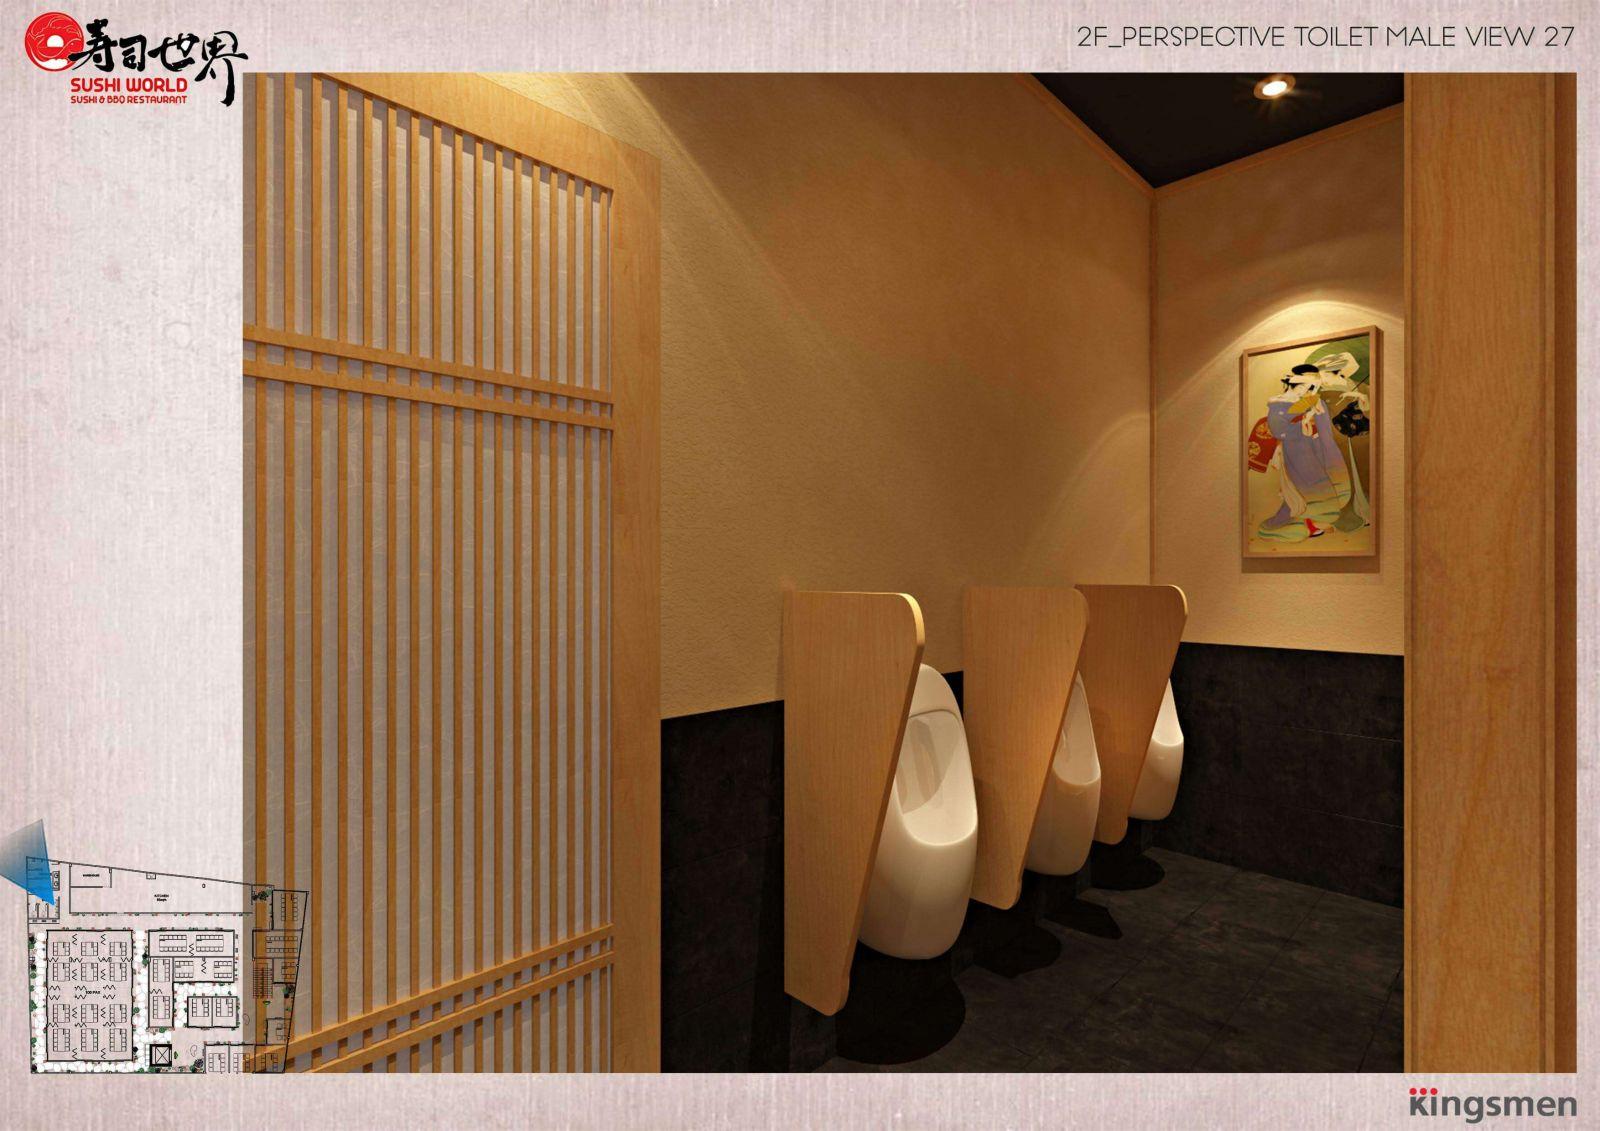 thiết kế sử dụng chất liệu gỗ trong nhà hàng nhật bản sushi world